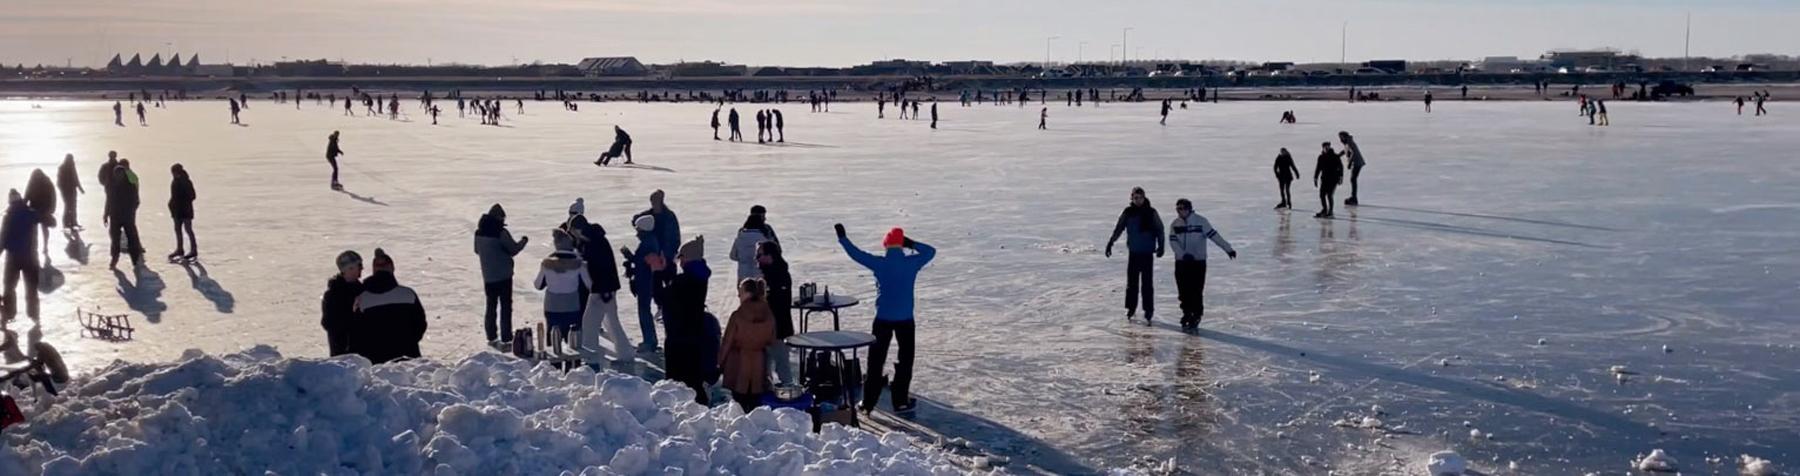 De schaatsgekte dit jaar: opwinding of opluchting?